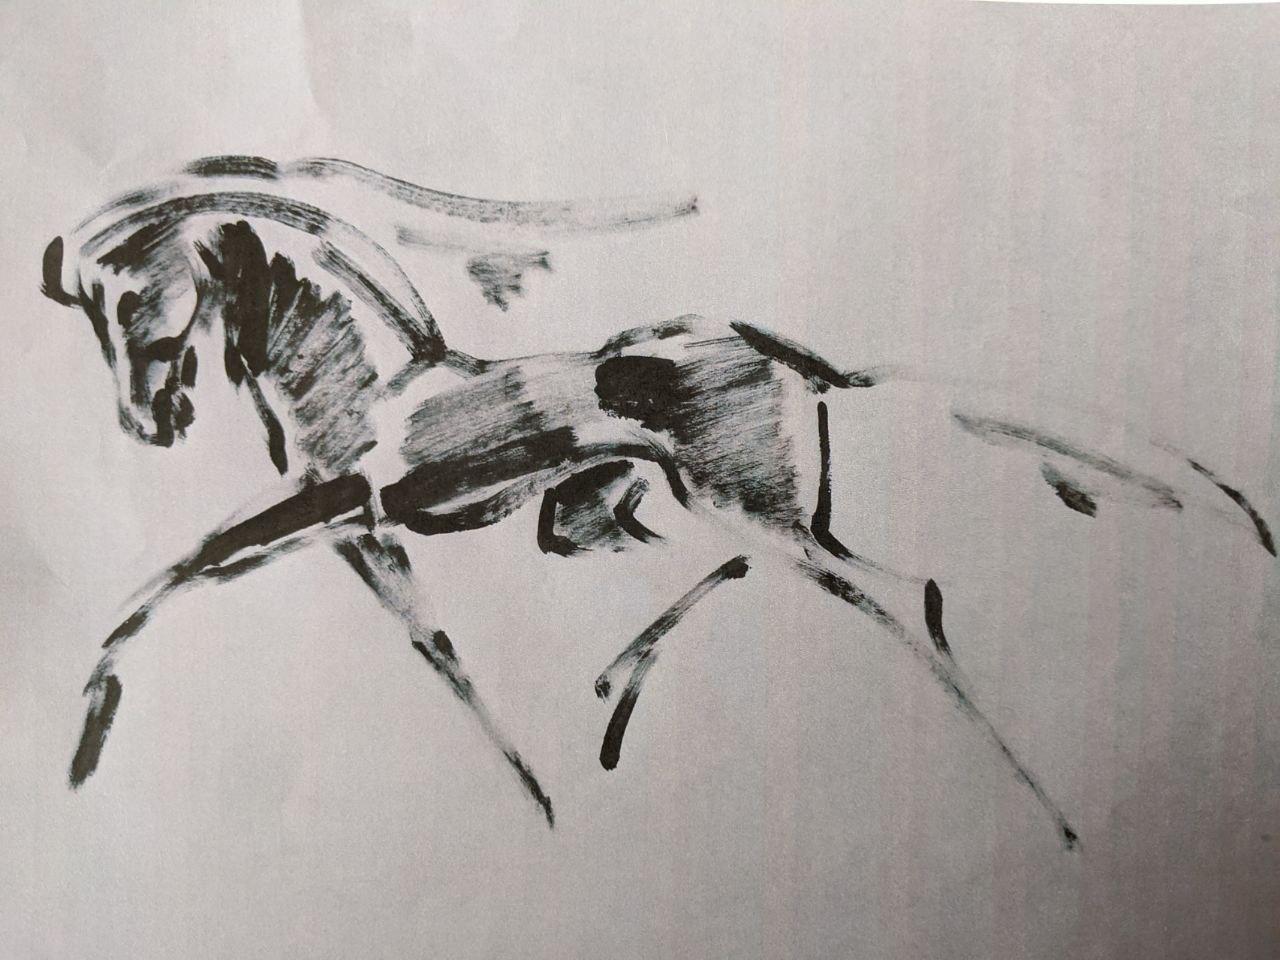 Pferd im Lauf, Pinselzeichnung, 1985